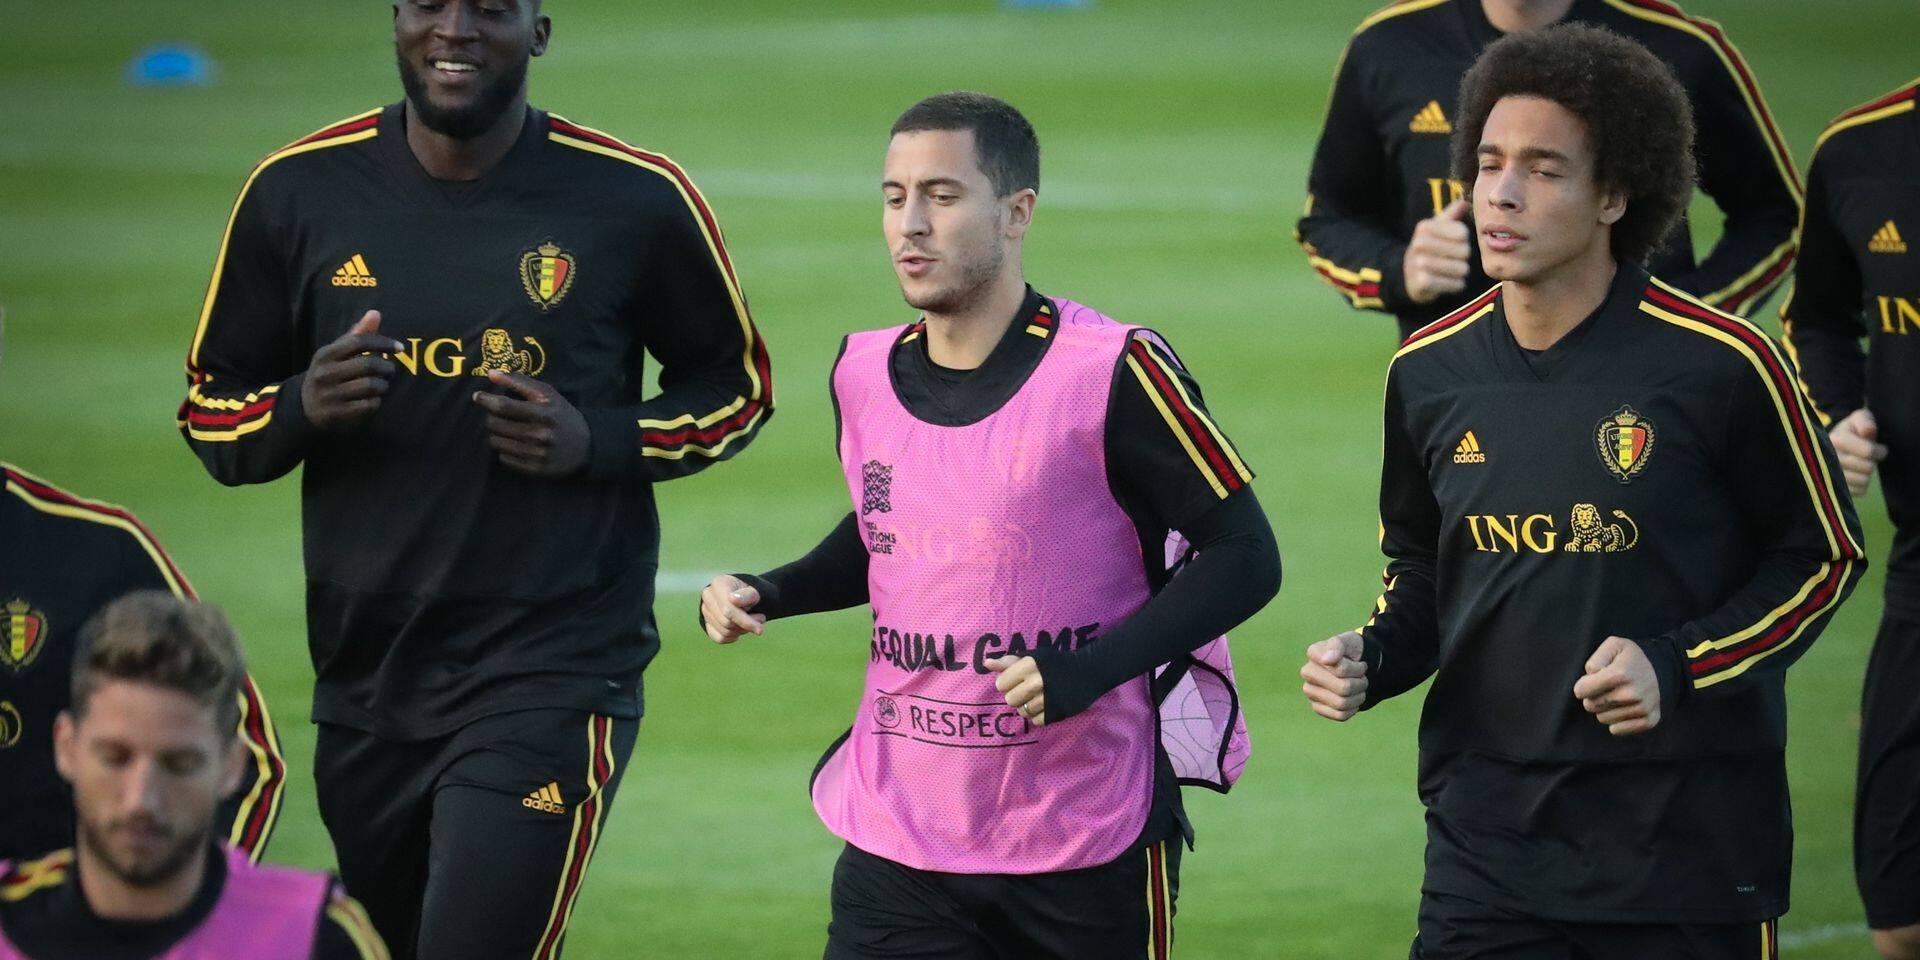 La vie sans Eden, Witsel et Lukaku: quelle sélection pour Martinez?